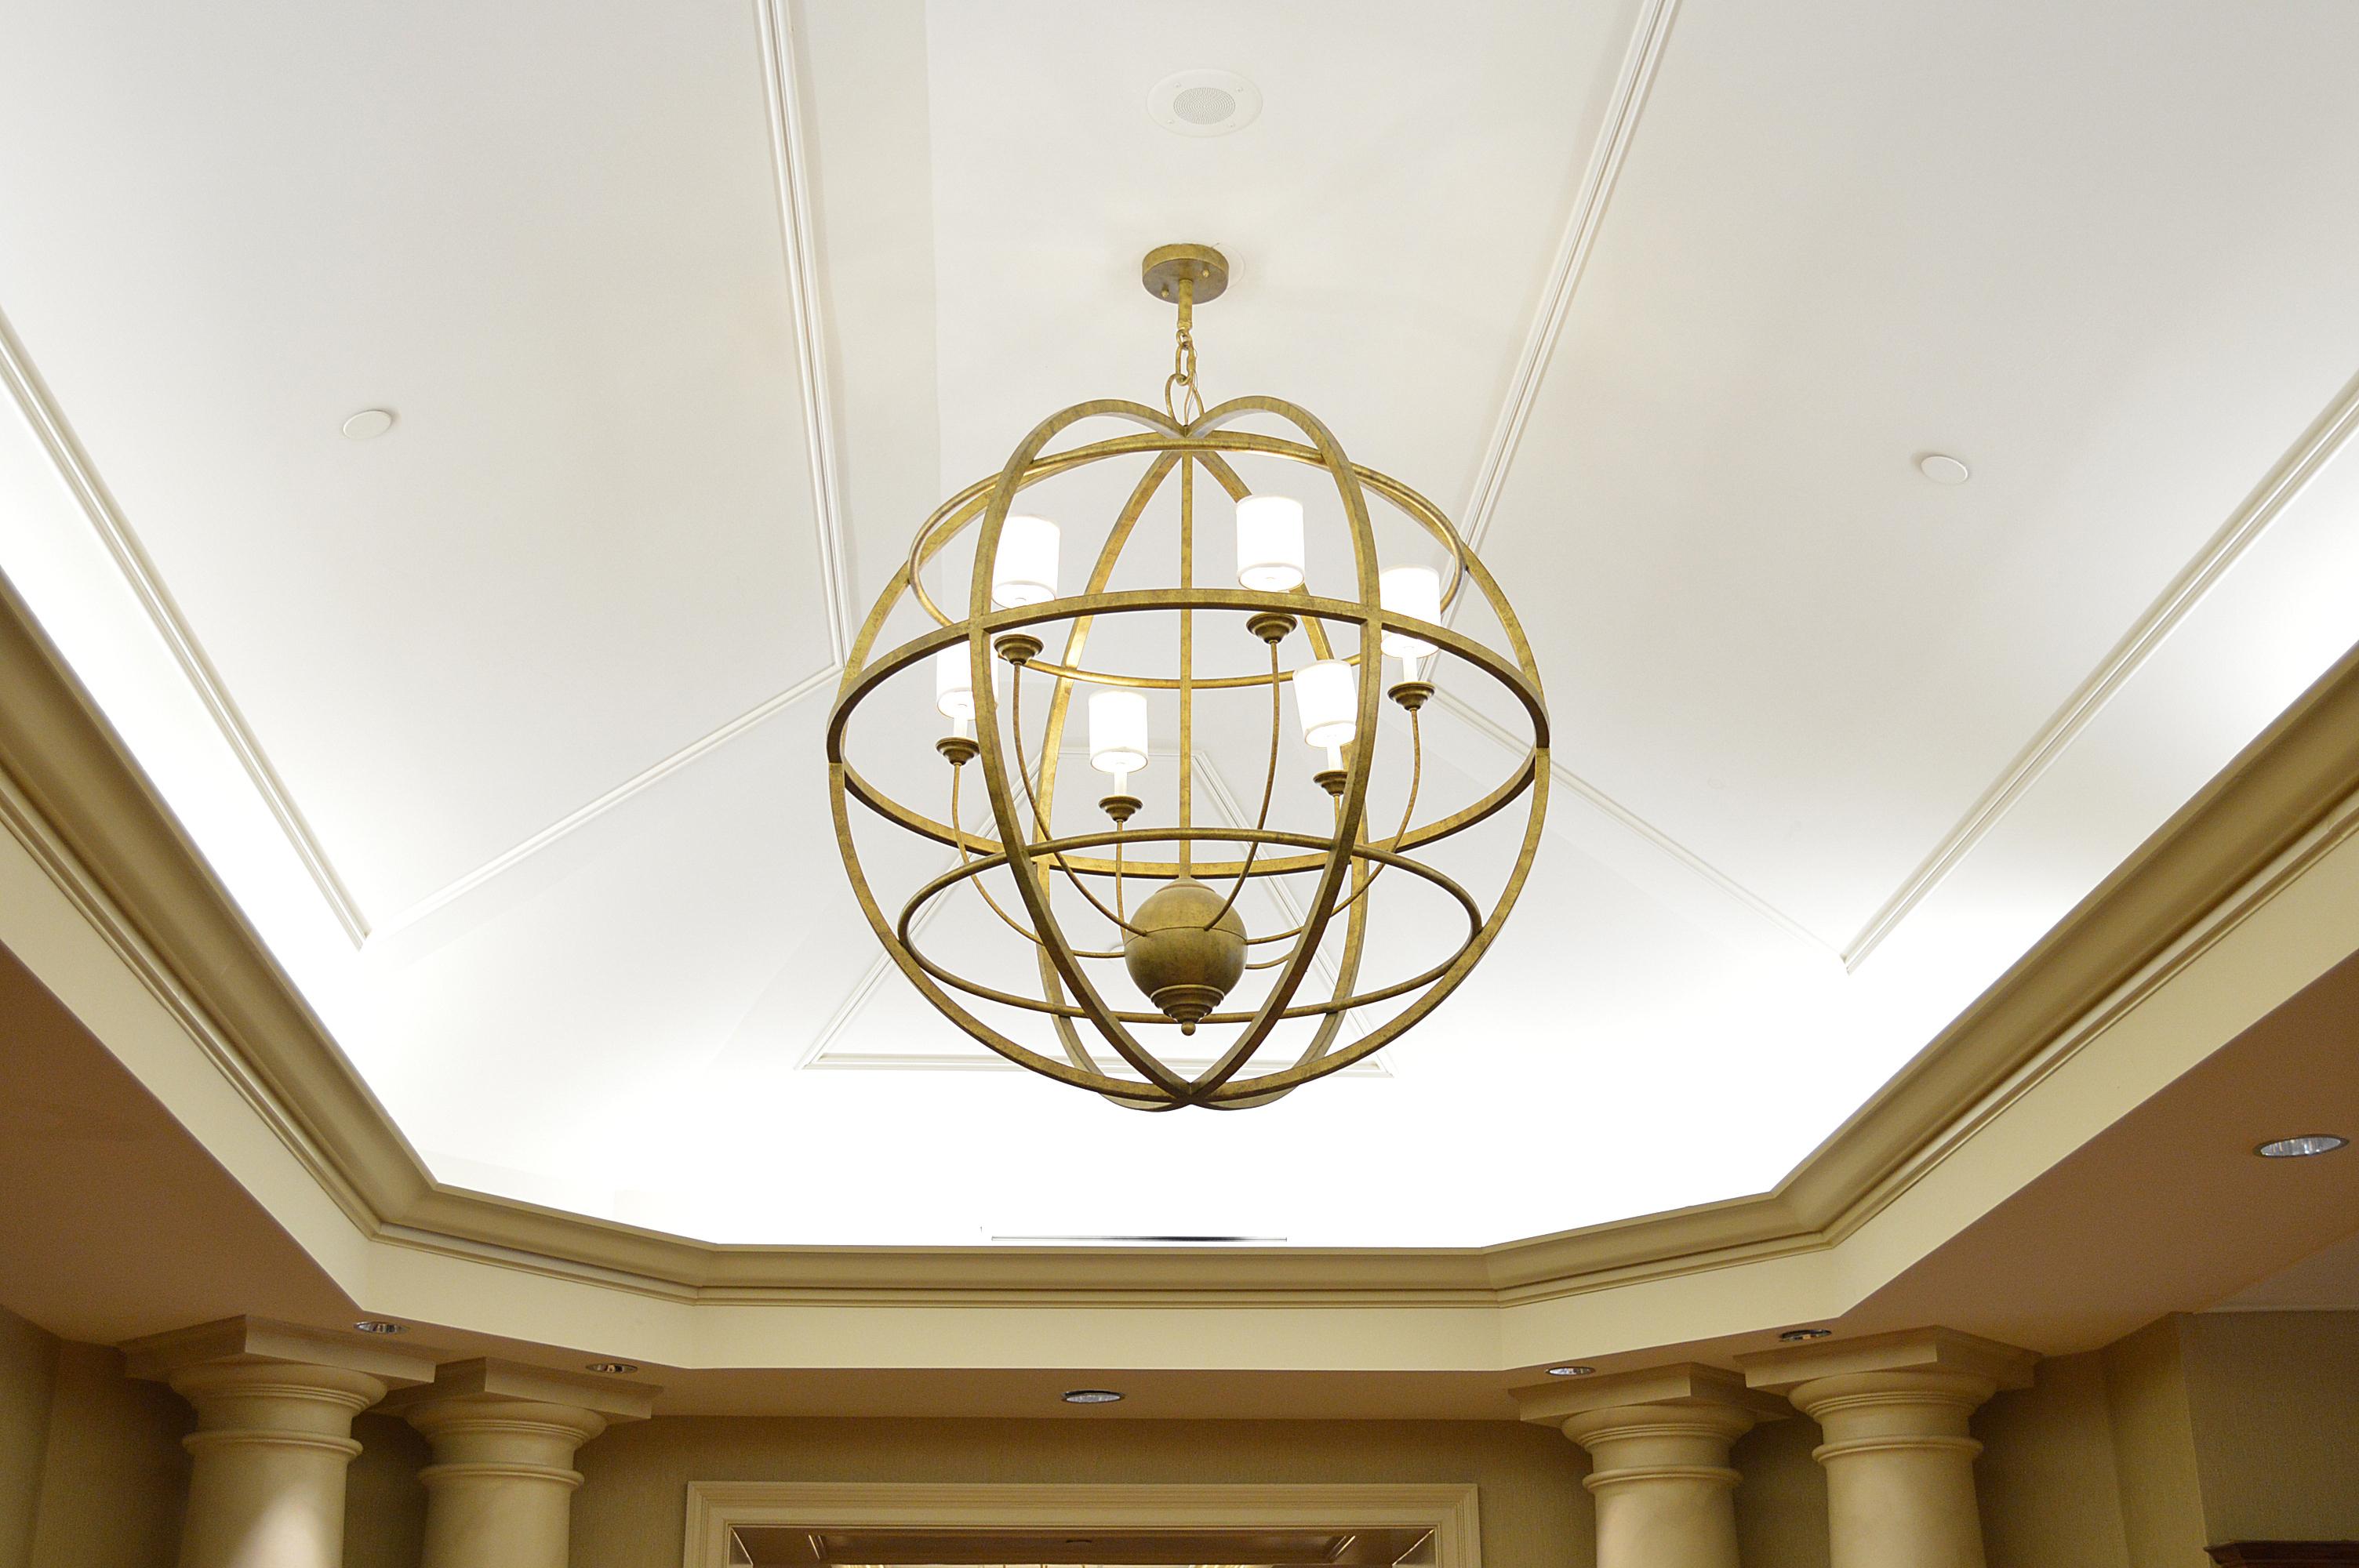 Decorative Recessed Ceiling